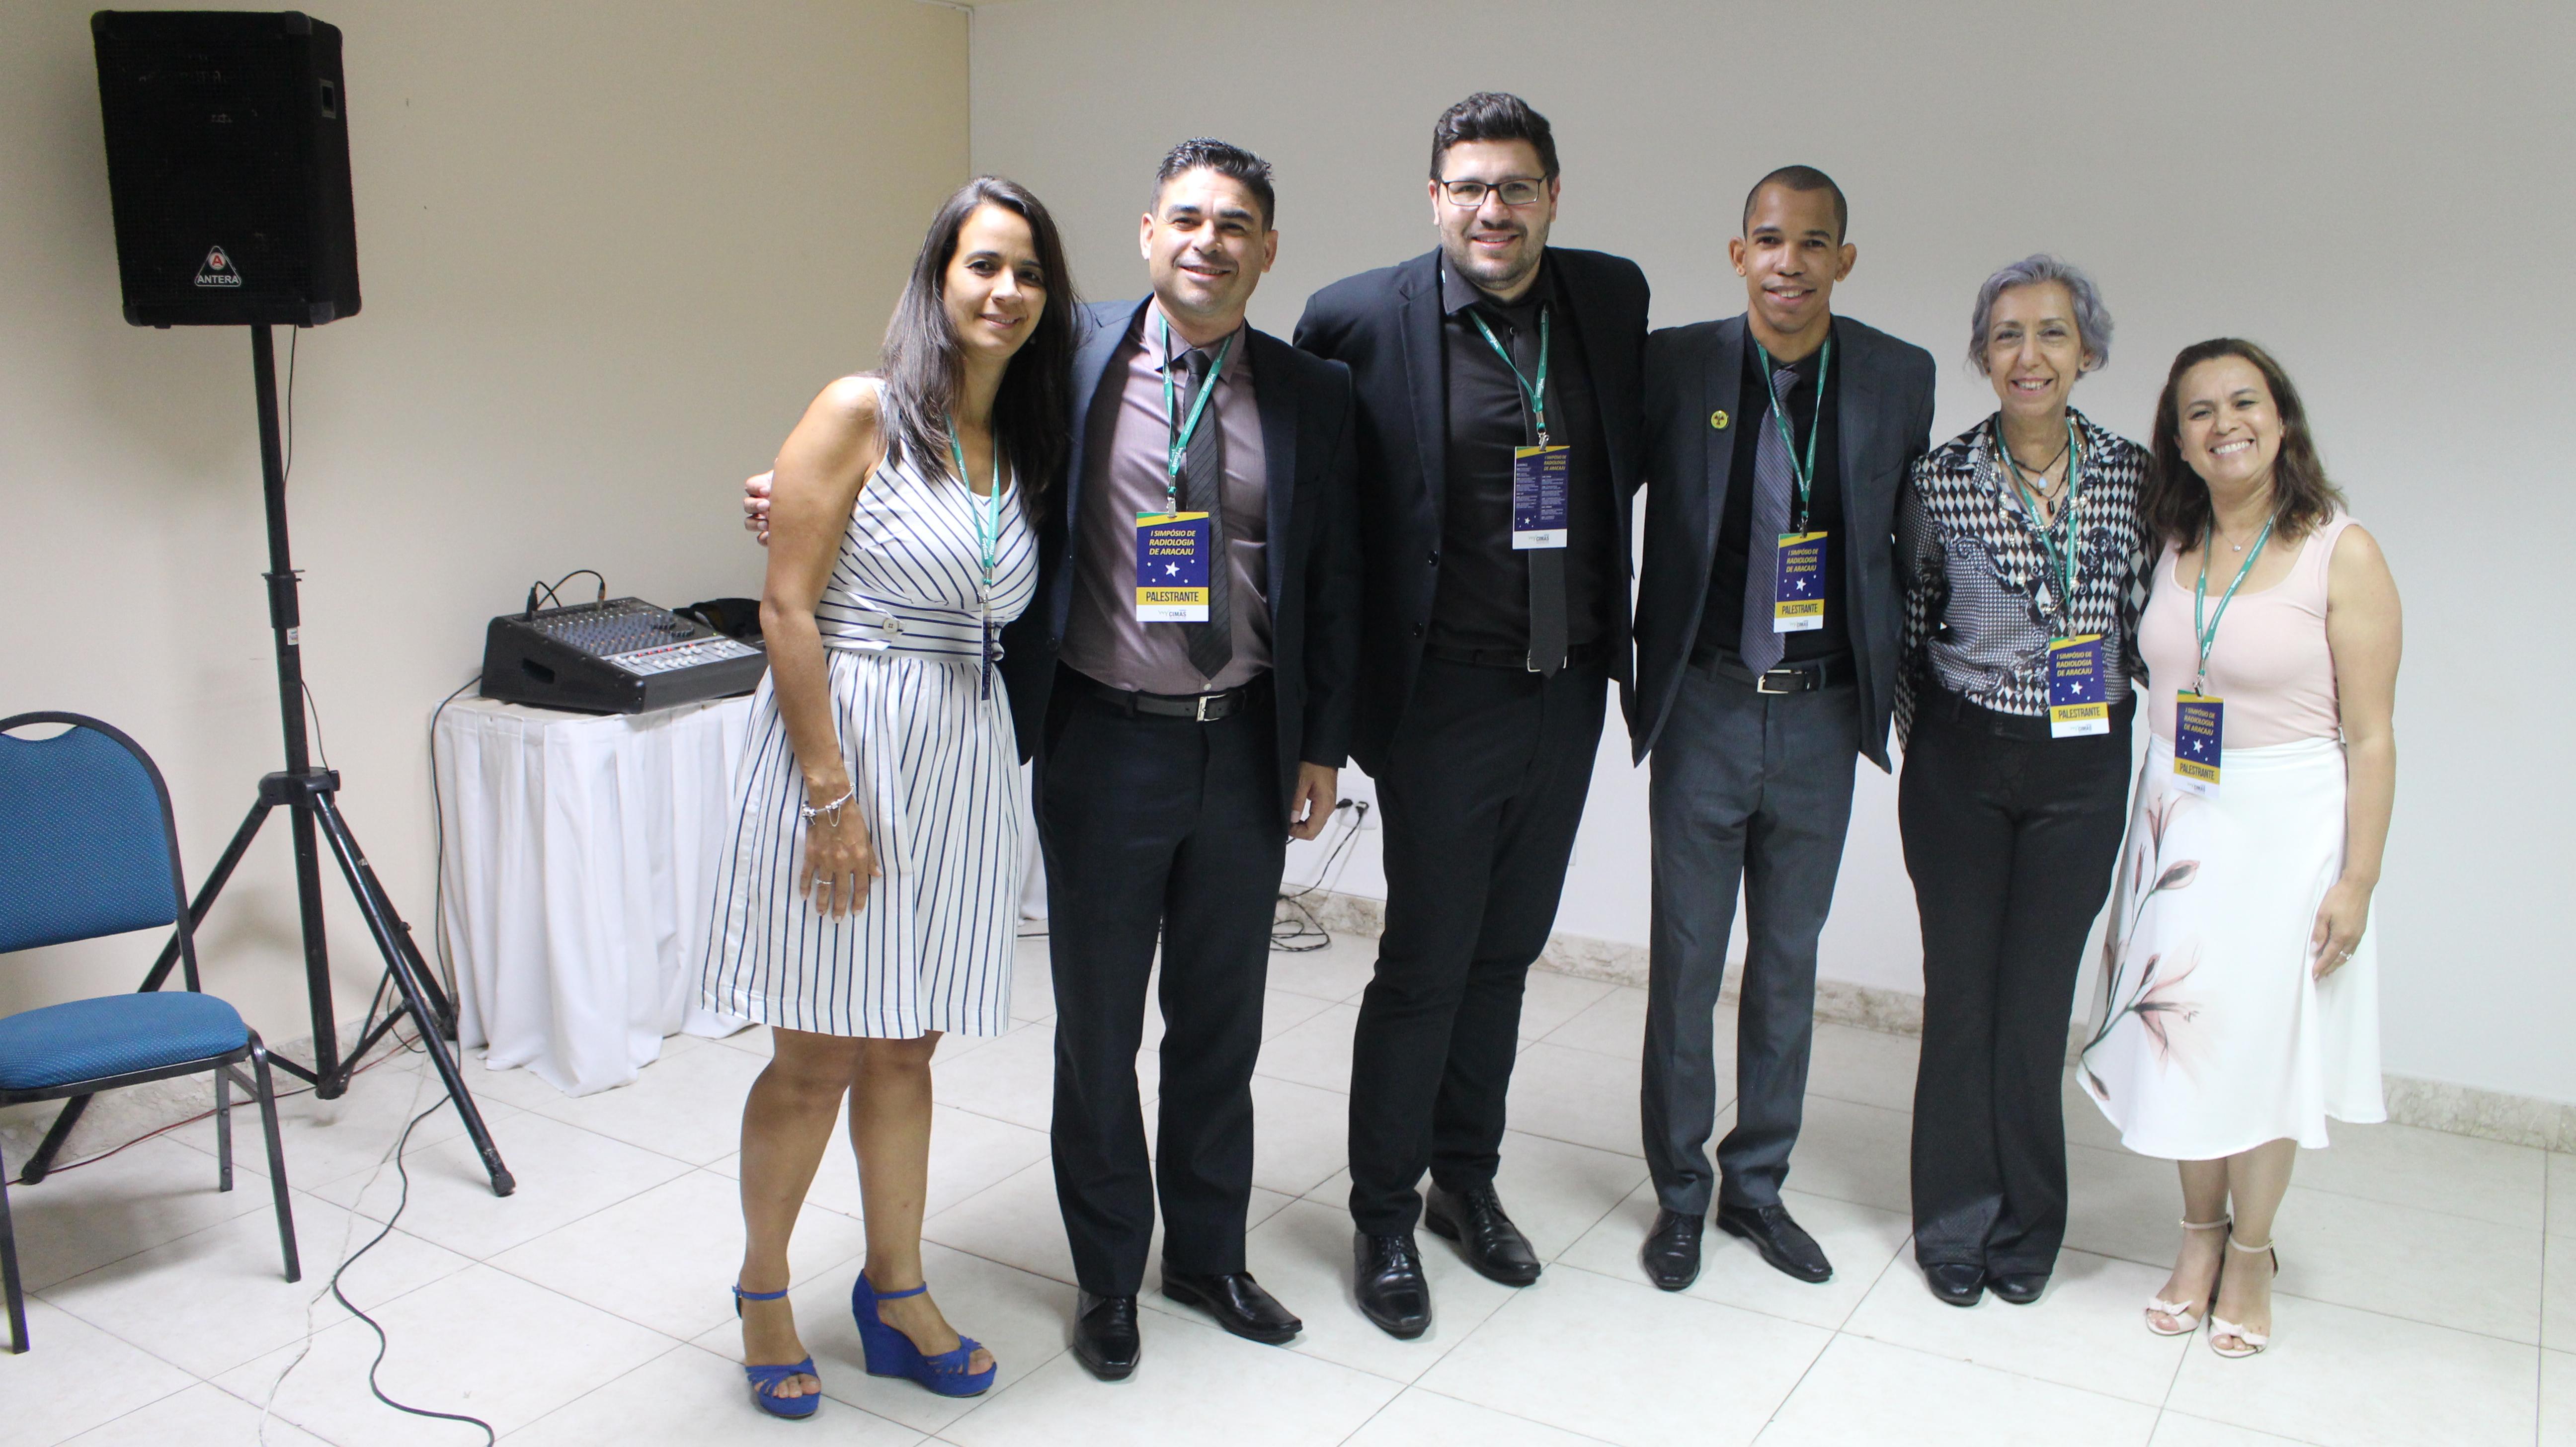 Caravana do Conhecimento em Aracaju - SE